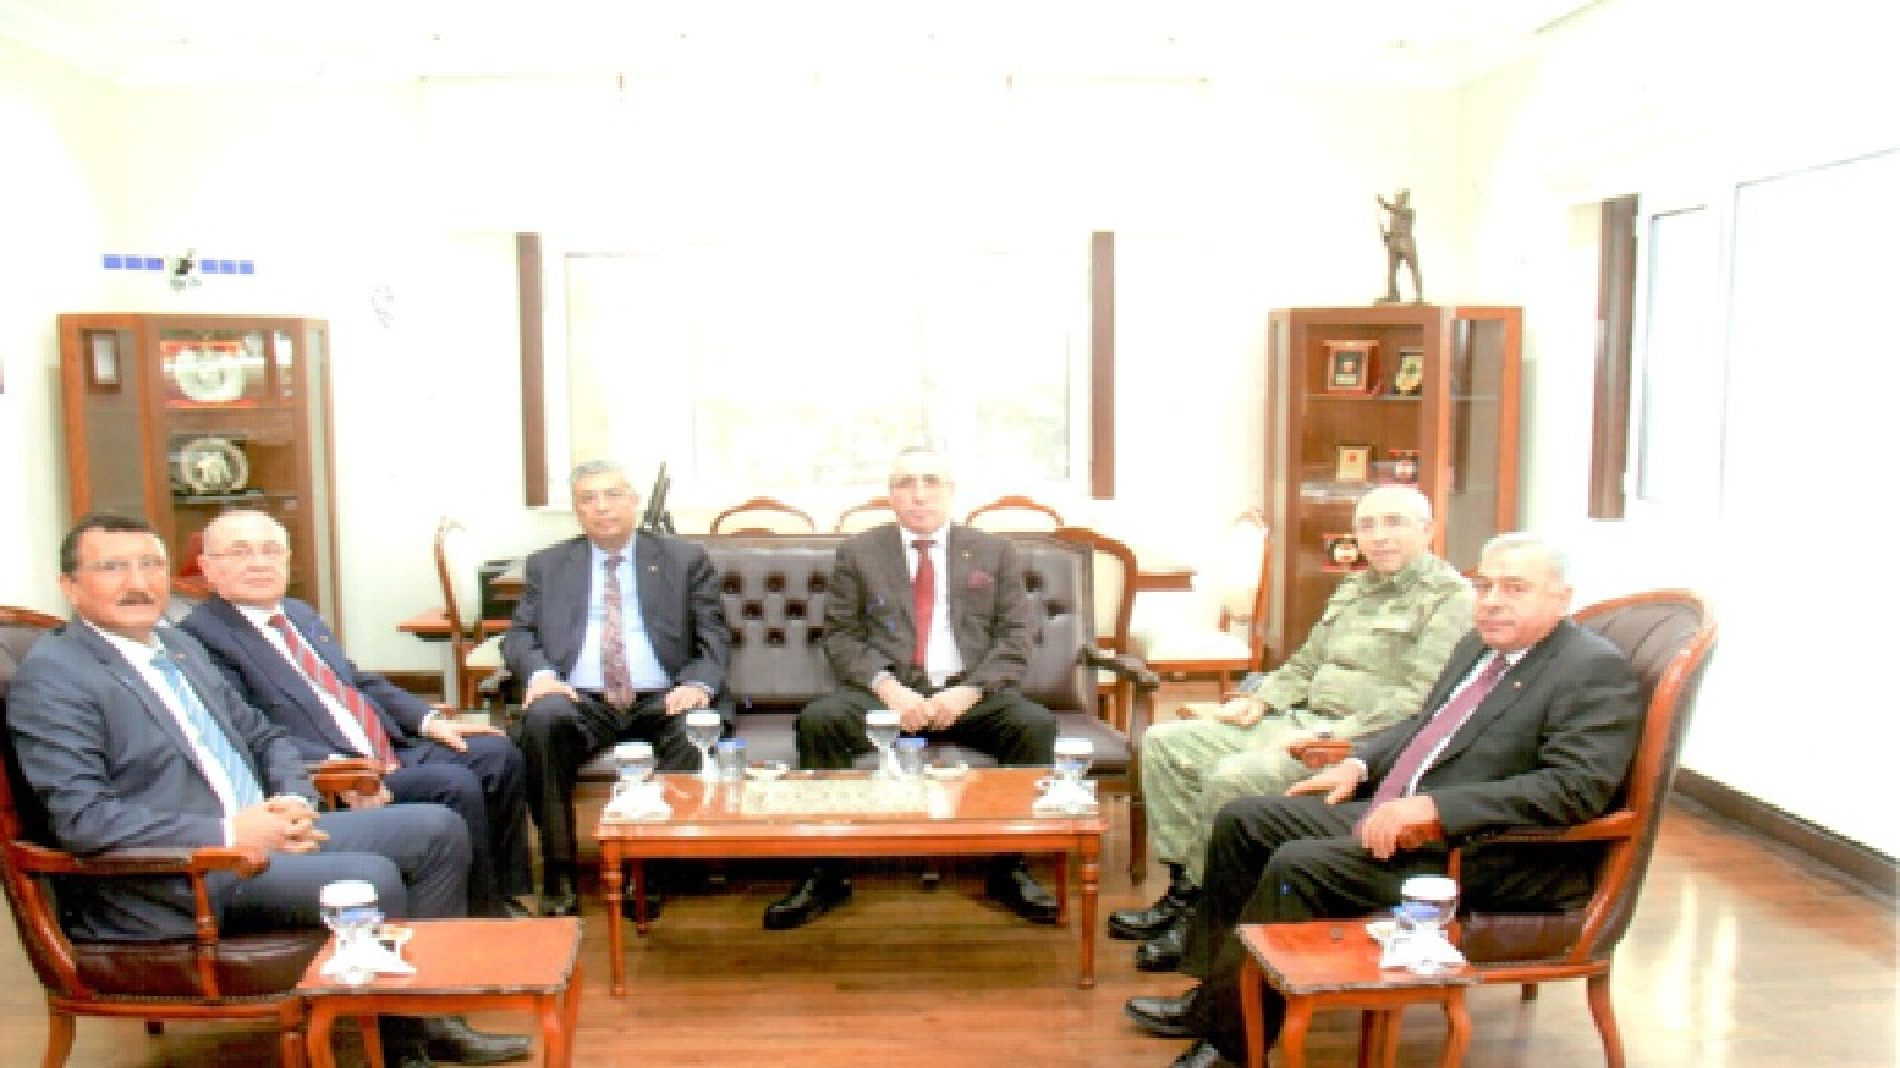 Başkanımız Sn Yahya TOPLU ve Yönetim Kurulu Üyelerimiz Topçu ve Füze Okulu Komutanı Tuğgeneral Sn Sabahattin TÜRKER'i Makamında ziyaret ettiler…